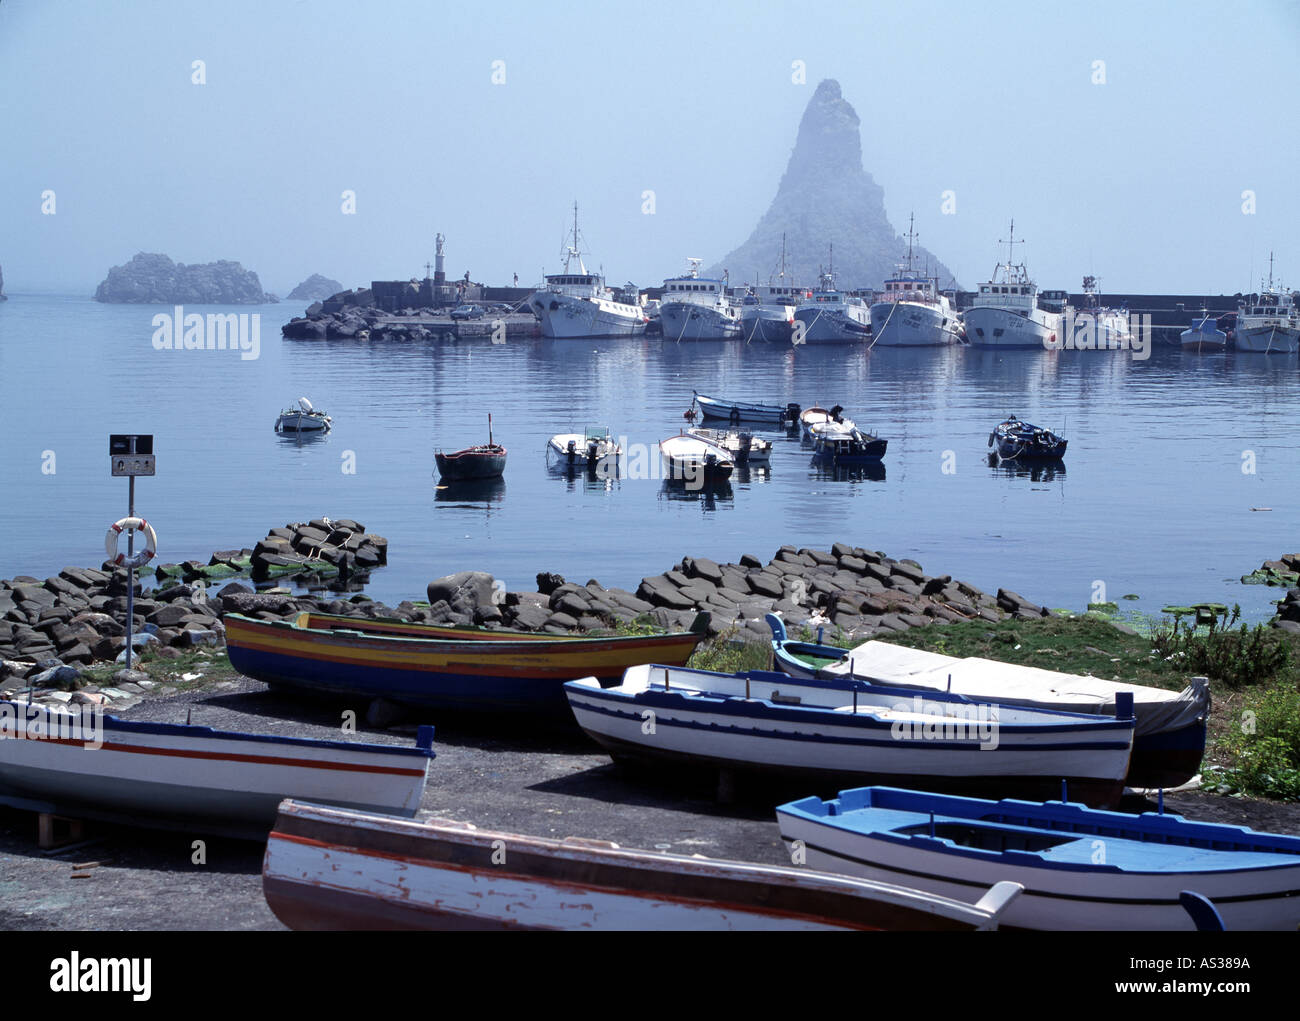 Aci Castello, Hafen und Zyklopeninseln, - Stock Image